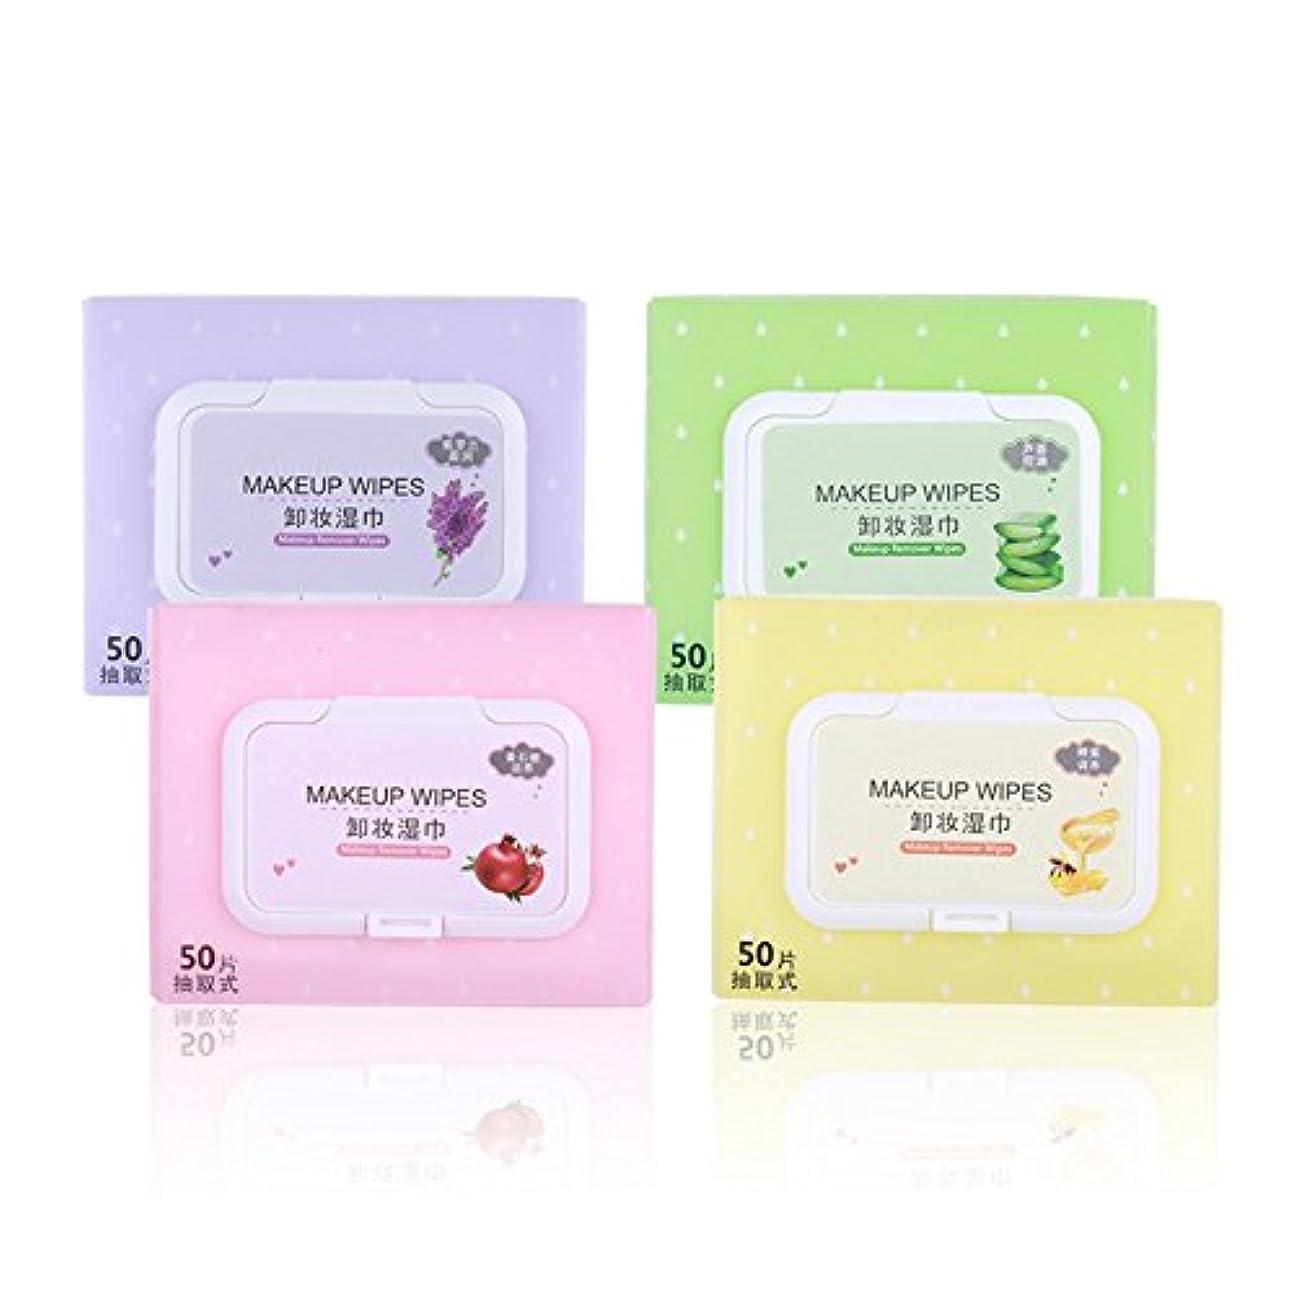 メルボルン咽頭感謝50 pcs/pack Beauty Non-Woven Fabric Makeup Remover Wipes Four Kinds Scent Comfortable Face Makeup Remover Pads...